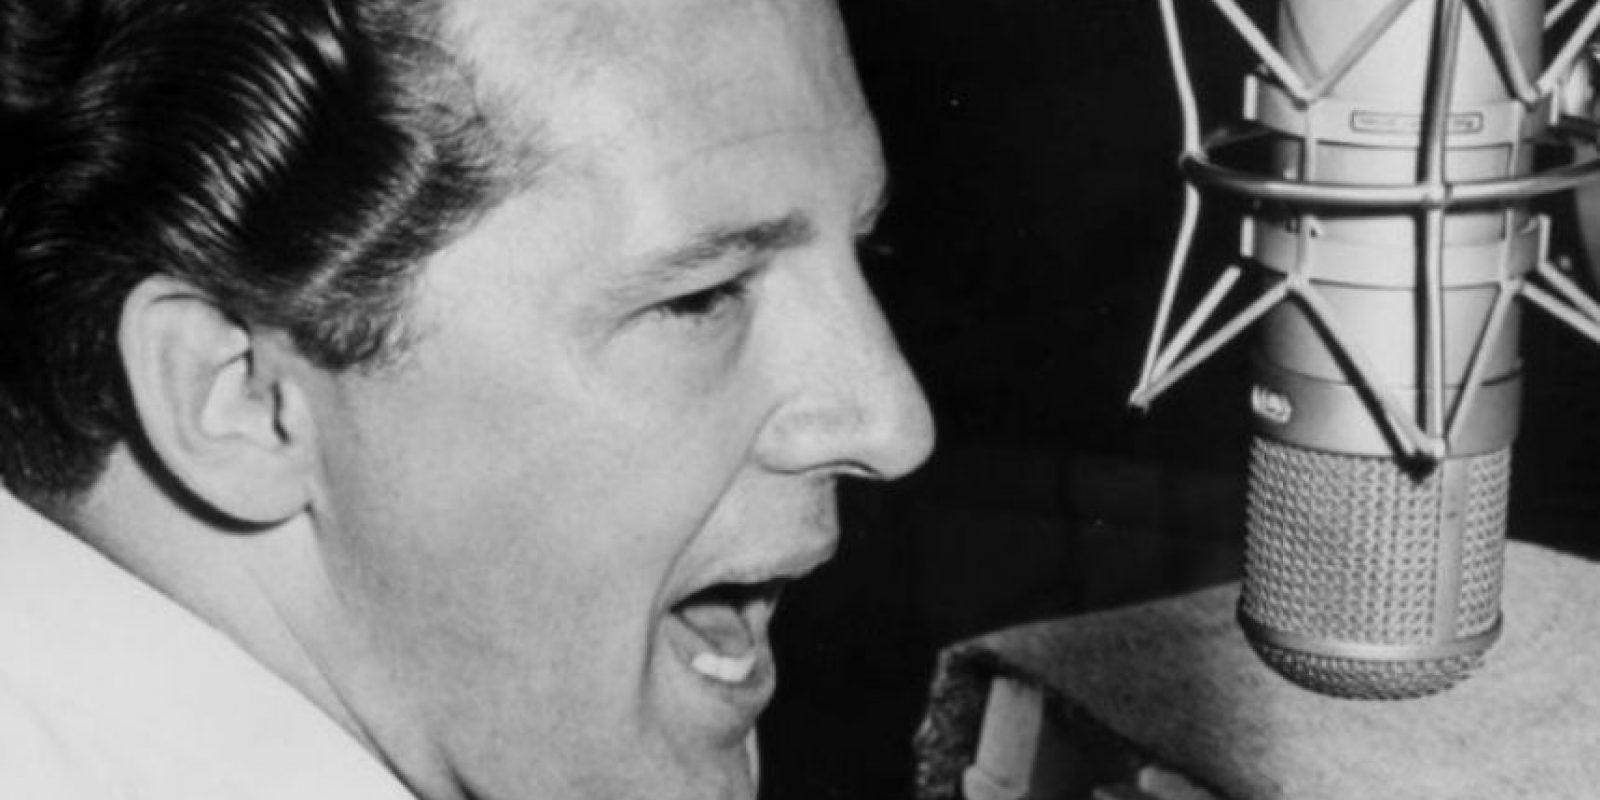 Jerry Lee Lewis: El ícono del rock se casó con su prima Myra Brown, de solo 13 años. Fue un escándalo total para la época (finales de los años 50) y eso arruinó la vida profesional del rockero. El matrimonio no duró, ya que ella se divorció de él por sus abusos. Foto:Getty Images